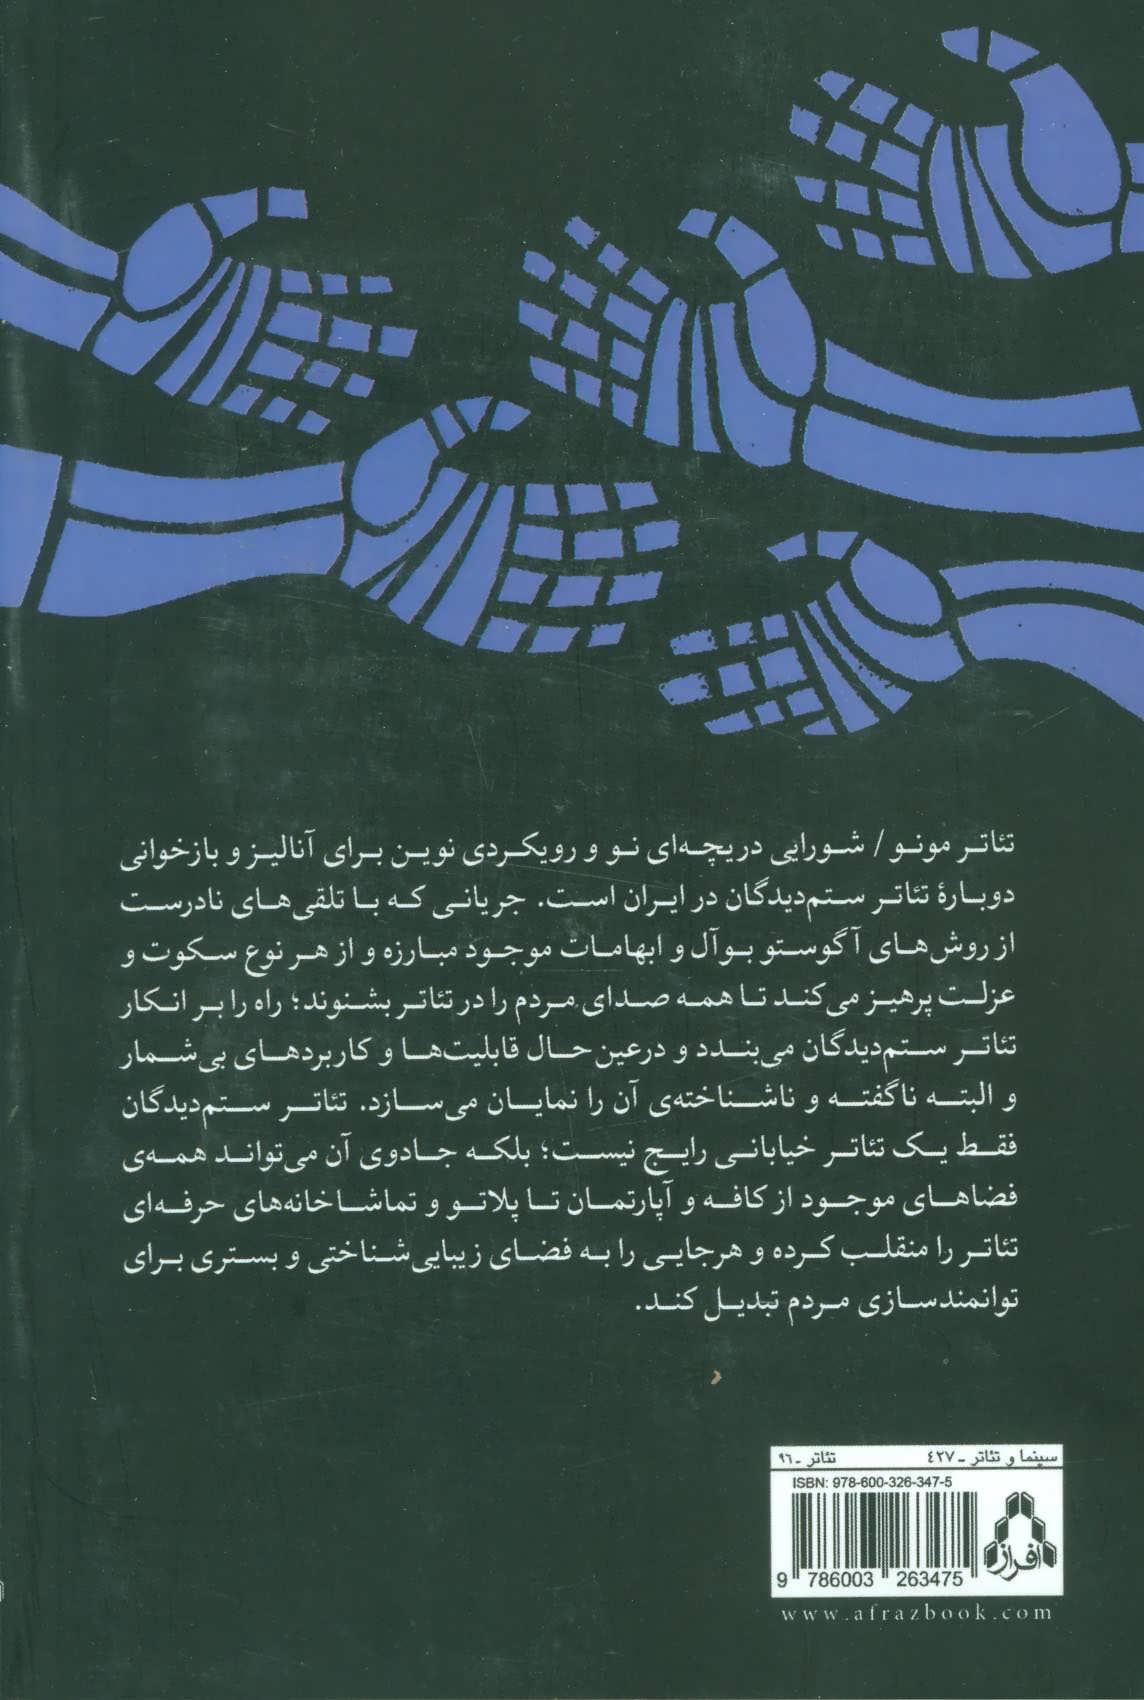 مونو/شورایی و گفت و گو با مردم (تجربه ی تئاتر ستم دیدگان در ایران)